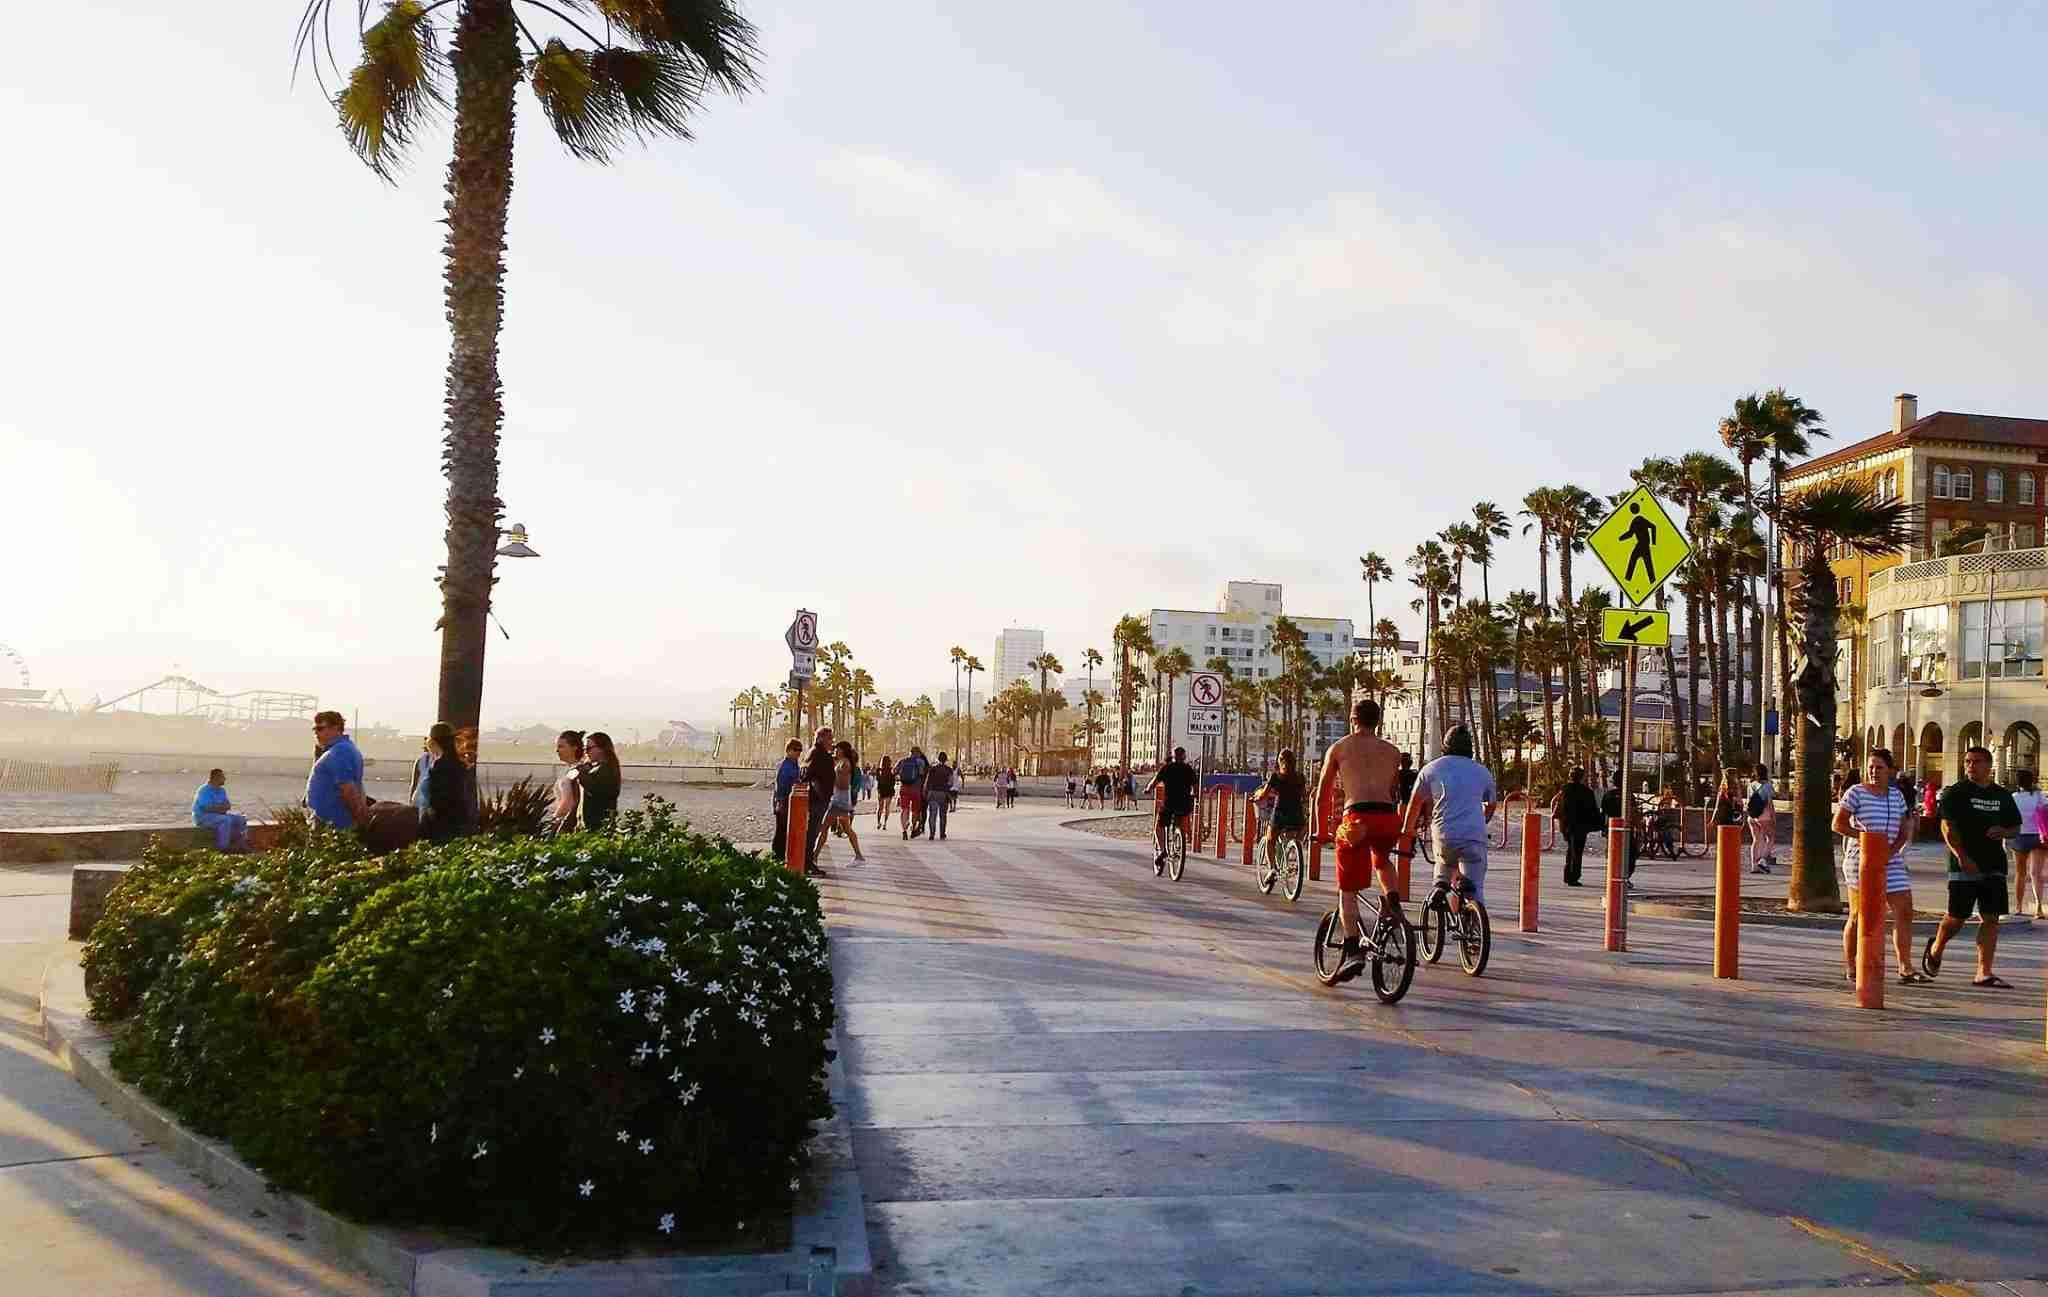 Santa Monica represents quintessential LA at its best. (photo credit: stellalevi)